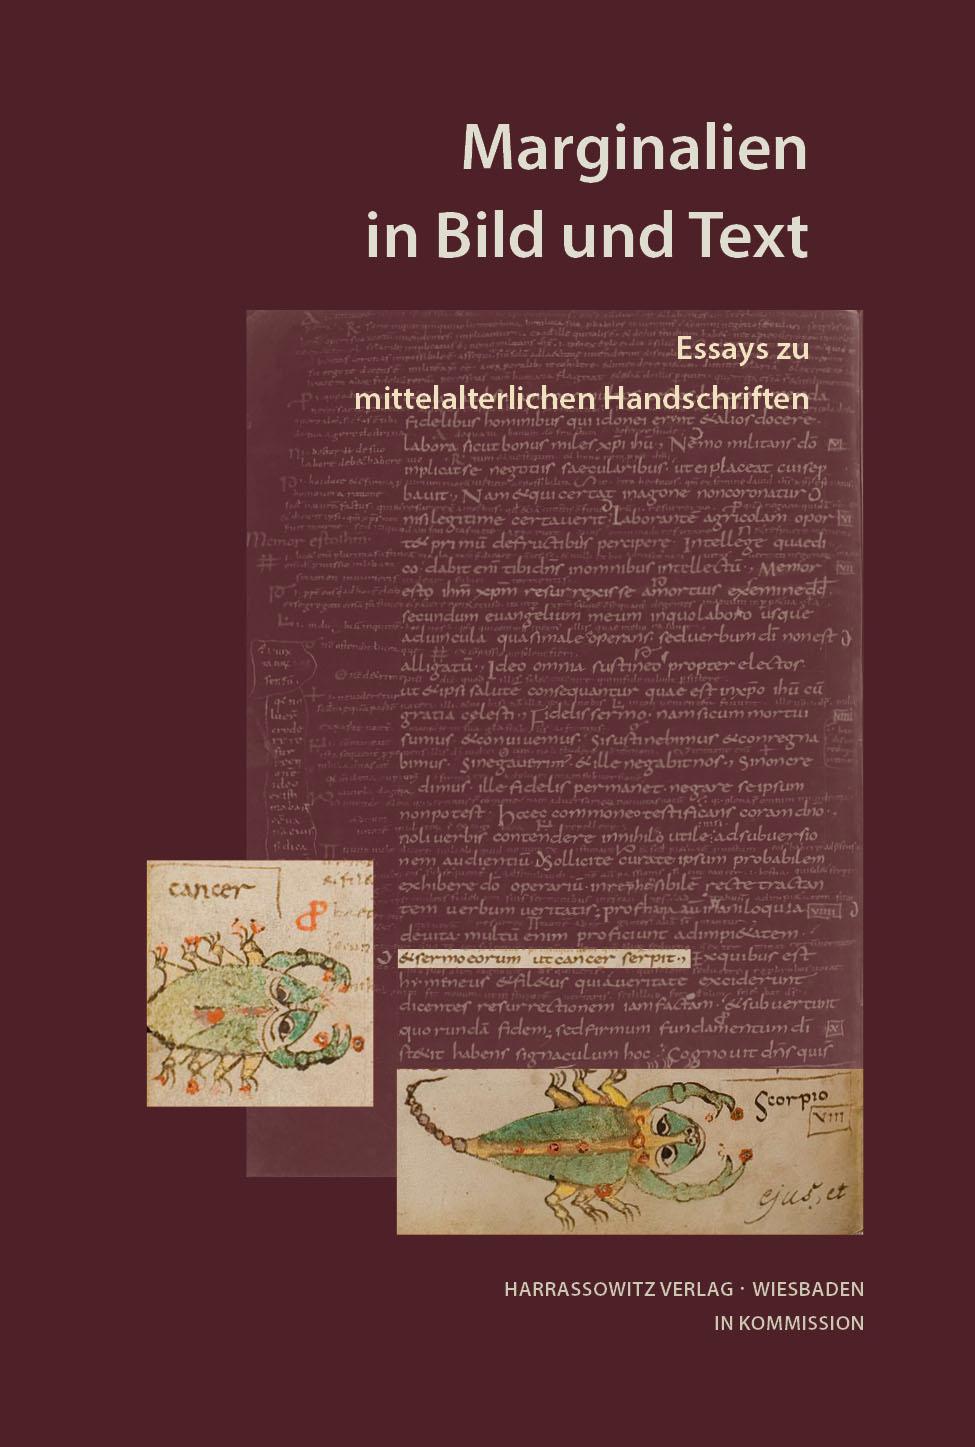 Marginalien in Bild und Text - Essays zu mittelalterlichen Handschriften